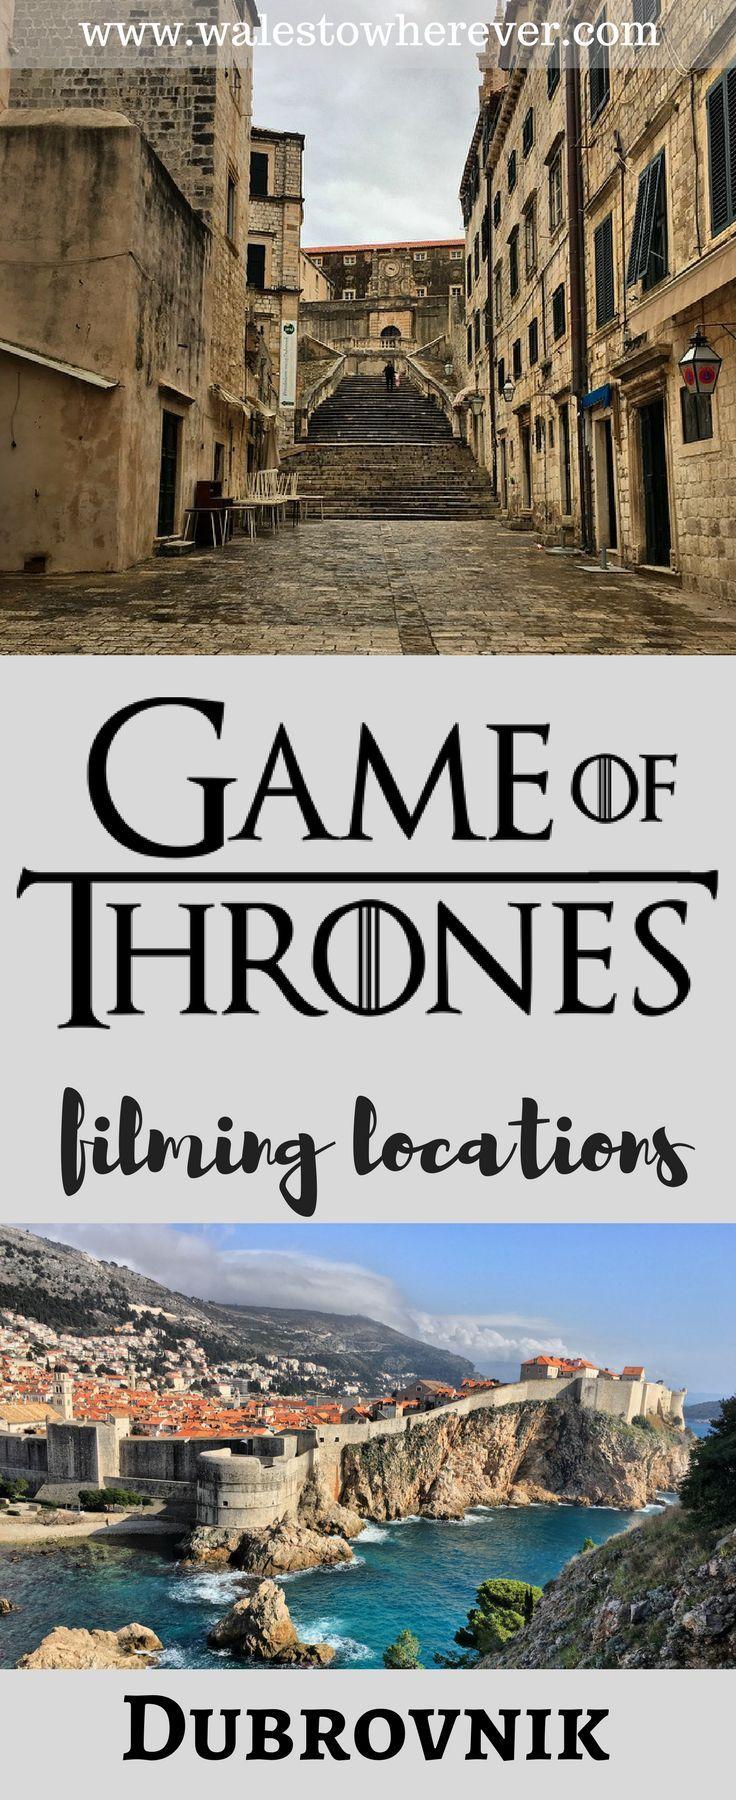 10 Game of Thrones Filming Locations in Dubrovnik, Croatia. Travel in Eastern Europe.